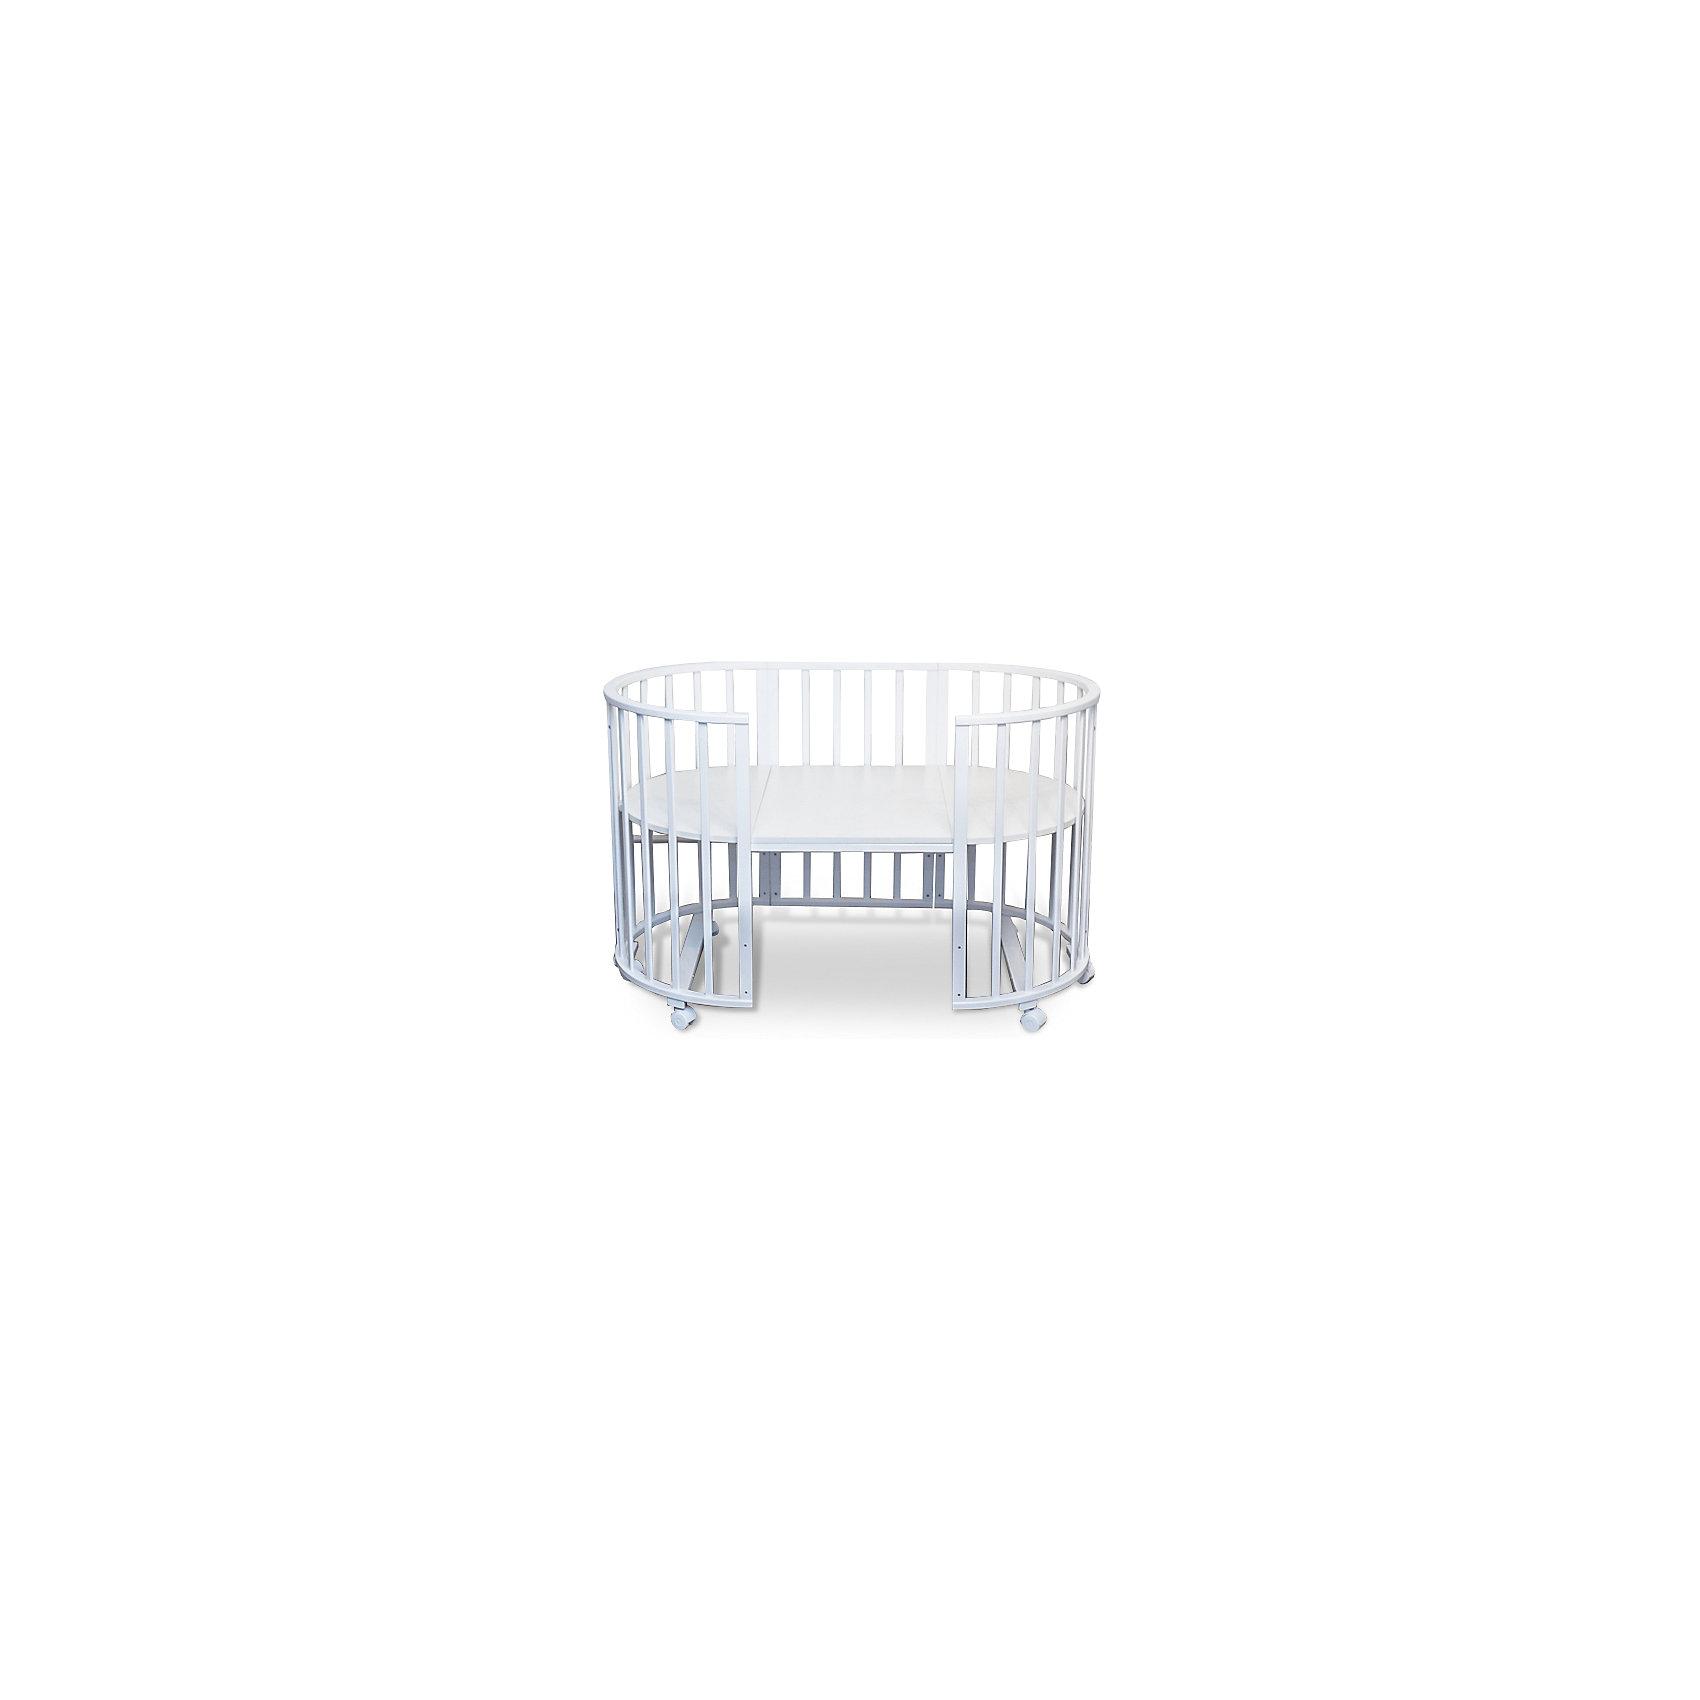 Кроватка-трансформер Delizia Bianco без маятника, Sweet Baby, белыйКроватки<br>Характеристики товара:<br><br>• цвет: белый<br>• материал: дерево (береза)<br>• тип: трансформер 6 в 1<br>• съёмные колеса<br>• размер спального места: 120х60 см<br>• 2 уровня ложа<br>• размер (ШхДхВ): 75х125х85 см<br><br>Кроватка-трансформер Delizia будет расти сместе с малышом. Кроватка не имеет острых углов.<br><br>Два уровня ложа позволяют менять глубину кроватки по мере роста малыша, опускаемая планка поможет без труда дотянуться до малыша в кроватке.<br><br>Расстояние между рейками не дает возможность ребенку застрять между ними во время сна.<br><br>Кроватки для новорожденных SweetBaby обрабатываются нетоксичными лаками и красками, абсолютно безвредными для ребенка.<br><br>Варианты сборки:<br>• Круглая люлька (спальное место: диаметр 75см)<br>• Высота от пола до верхнего края - 85 см<br>• Овальная детская кровать (спальное место: 125х75см)<br>• Овальный диван.<br>• Манеж круглый или овальный.<br>• Стул и столик.<br><br>Кроватку-трансформер Delizia Bianco, Sweet Baby можно купить в нашем интернет-магазине.<br><br>Ширина мм: 600<br>Глубина мм: 350<br>Высота мм: 800<br>Вес г: 23100<br>Возраст от месяцев: 0<br>Возраст до месяцев: 36<br>Пол: Унисекс<br>Возраст: Детский<br>SKU: 5583555